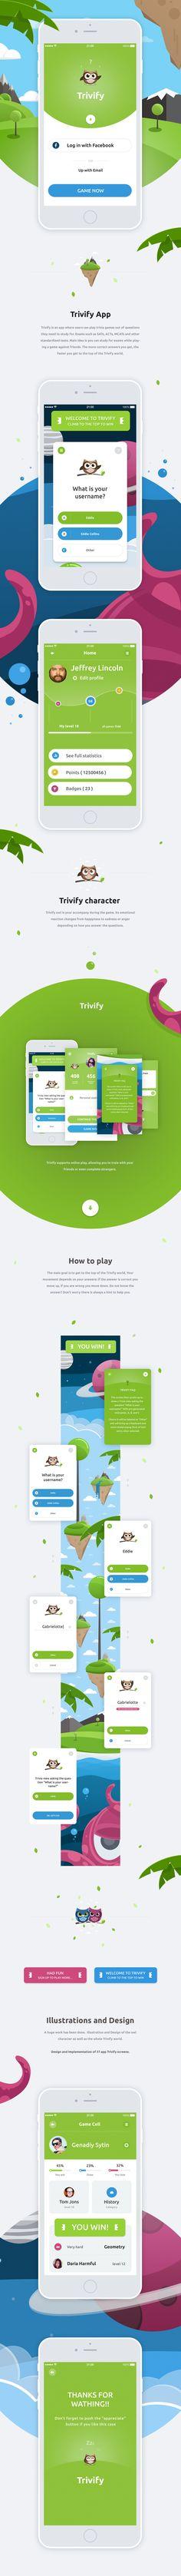 Trivify mobile app on App Design Served Web Design, App Ui Design, User Interface Design, Illustration Vector, App Design Inspiration, Mobile Ui Design, Mobile App Ui, Instructional Design, Android